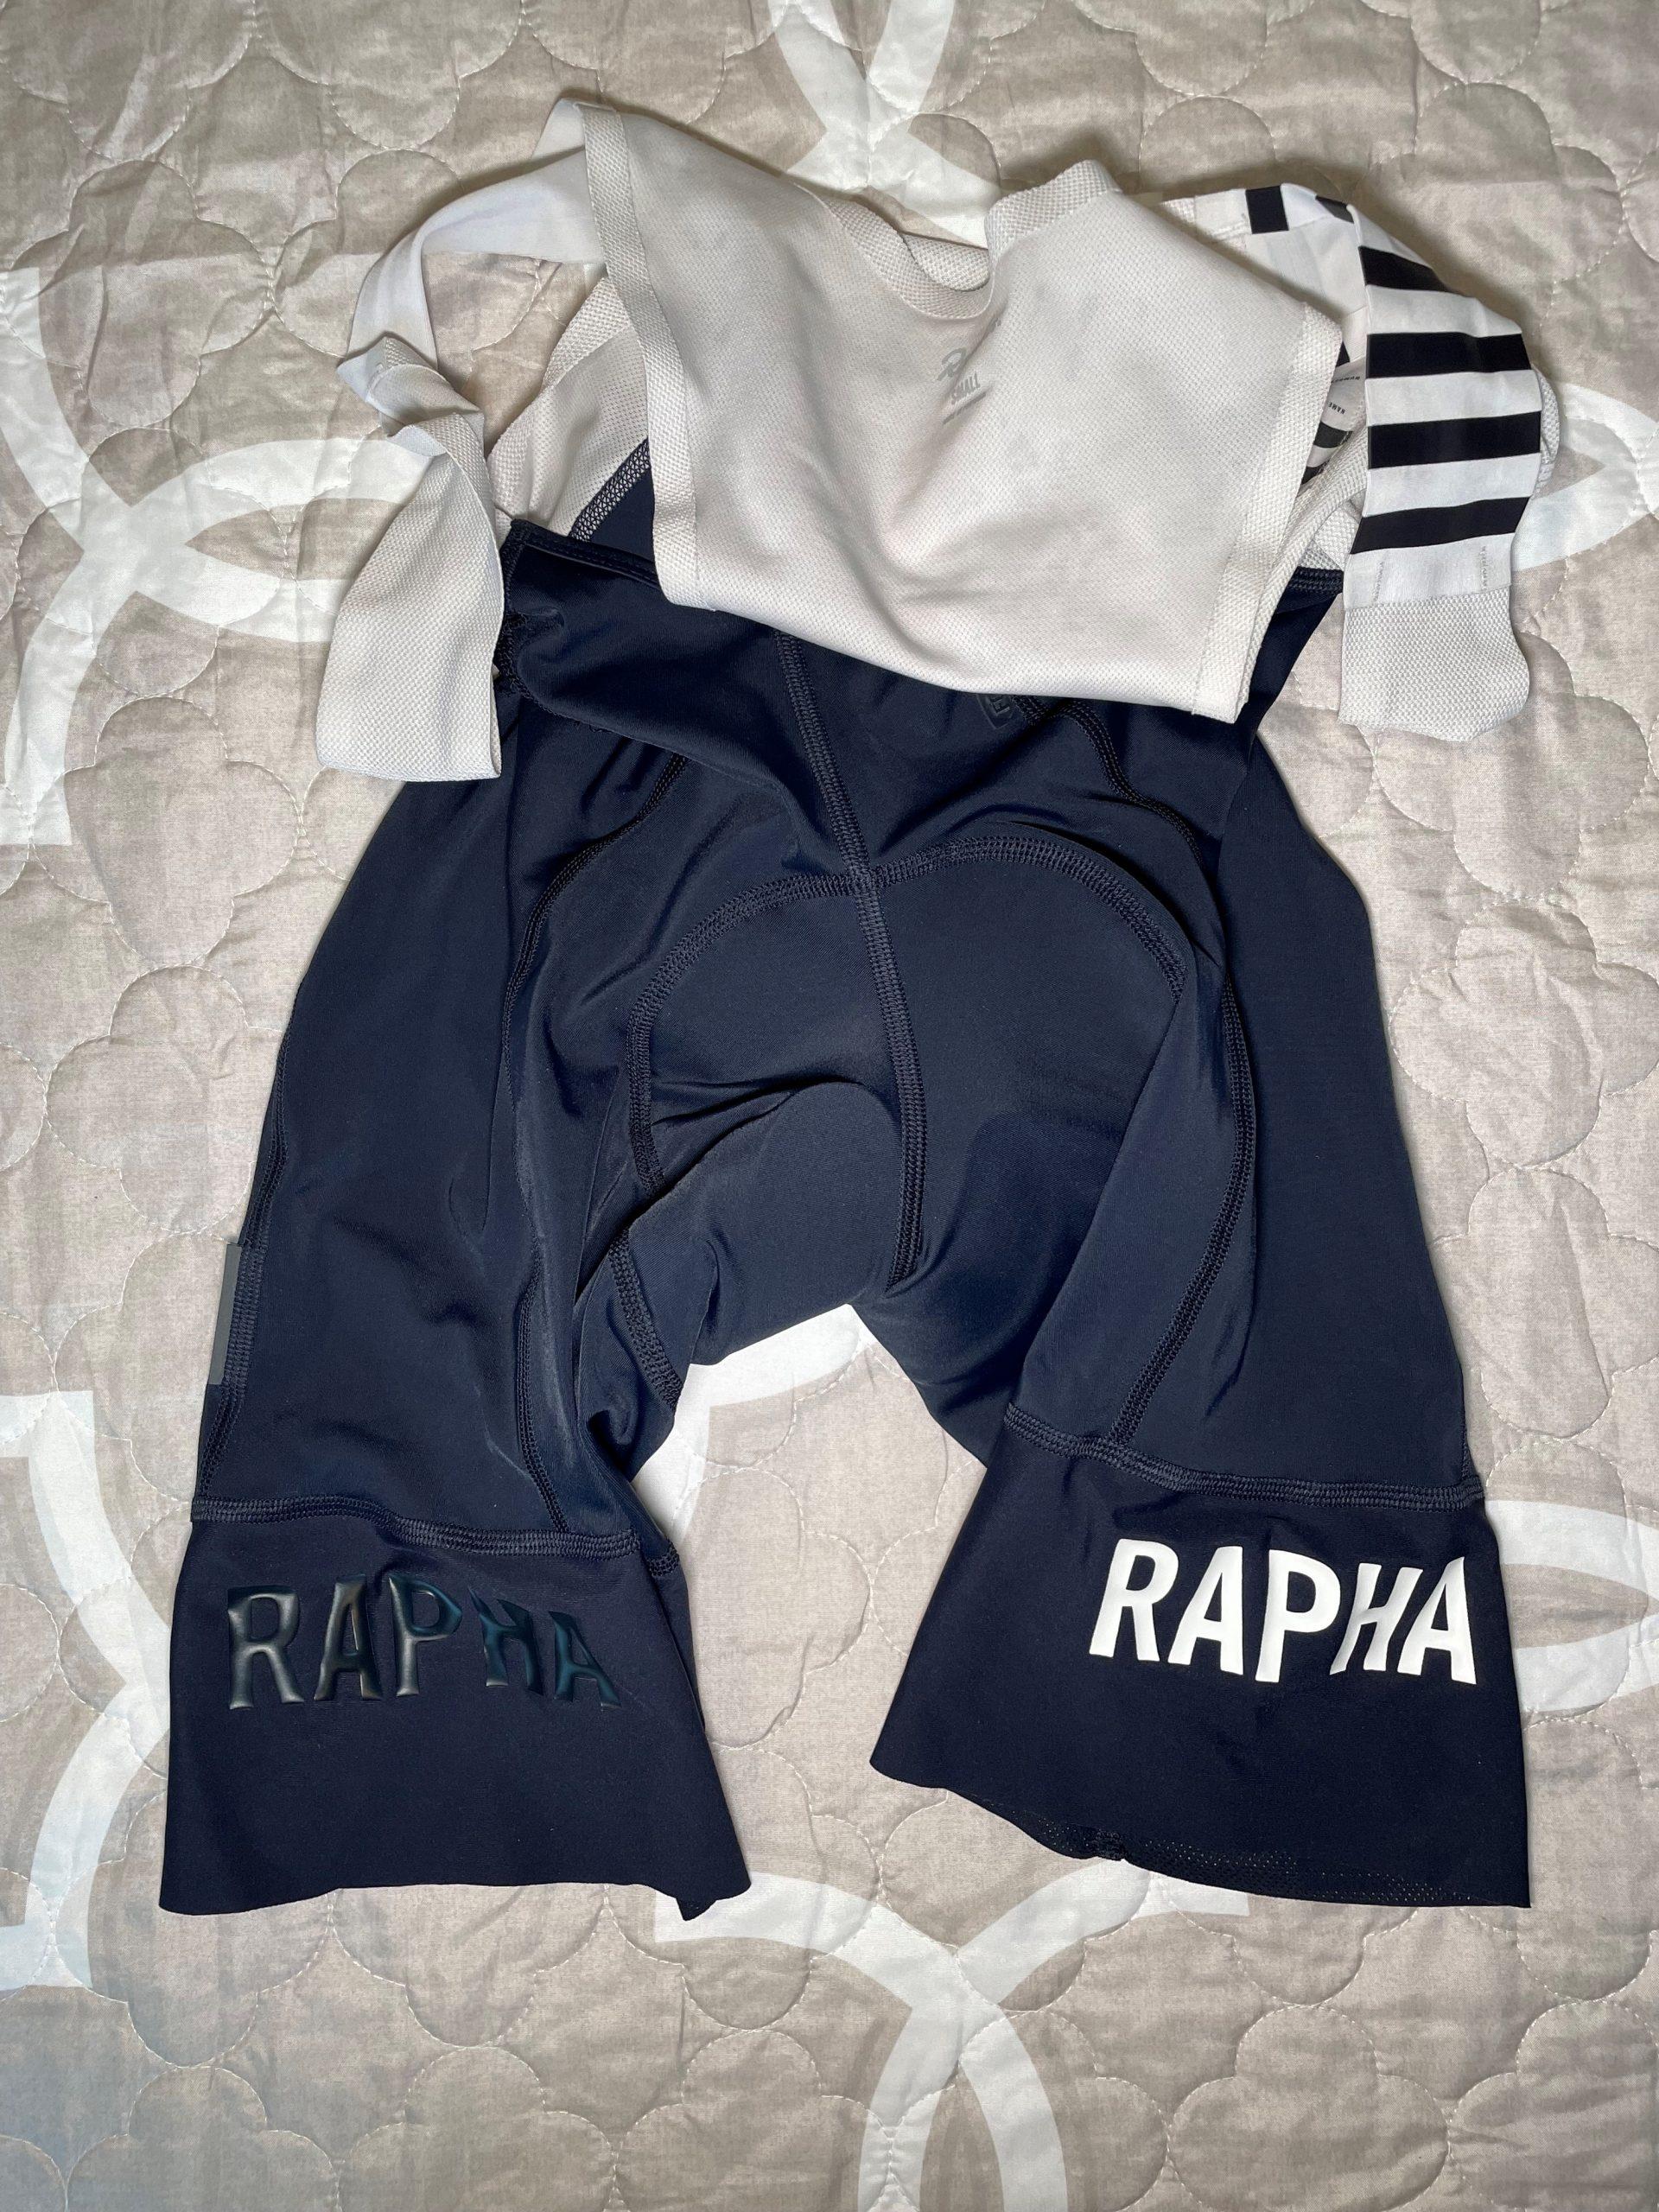 Rapha bib shorts